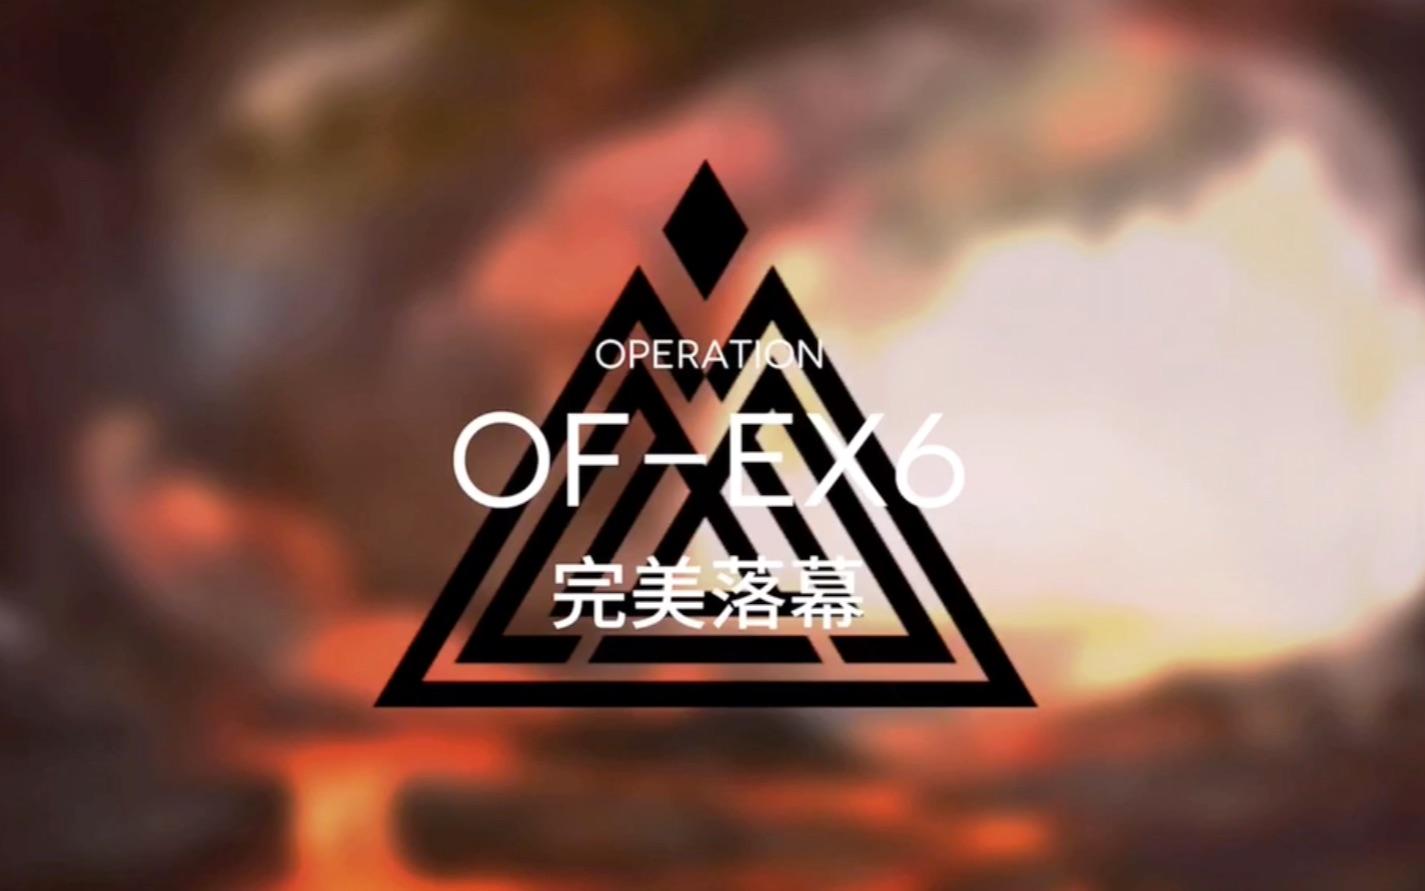 【明日方舟】OF-EX6(突袭模式)